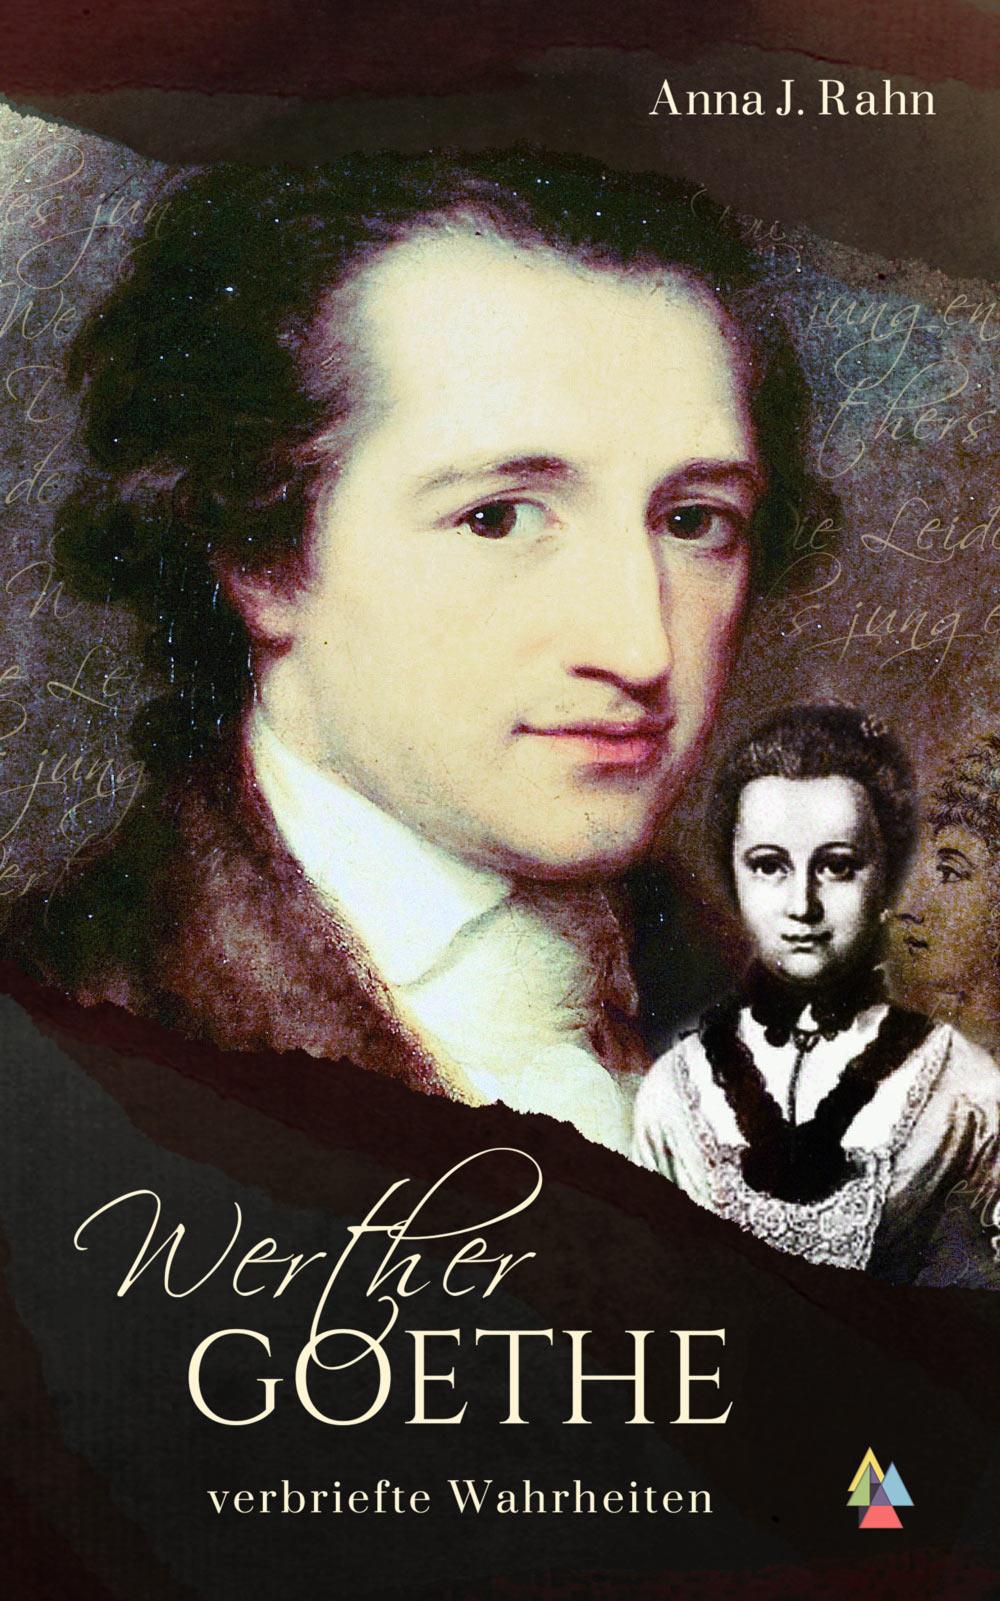 Werther Goethe - verbriefte Wahrheiten von Anna J. Rahn Jalara Verlag 978-3-945482-33-9